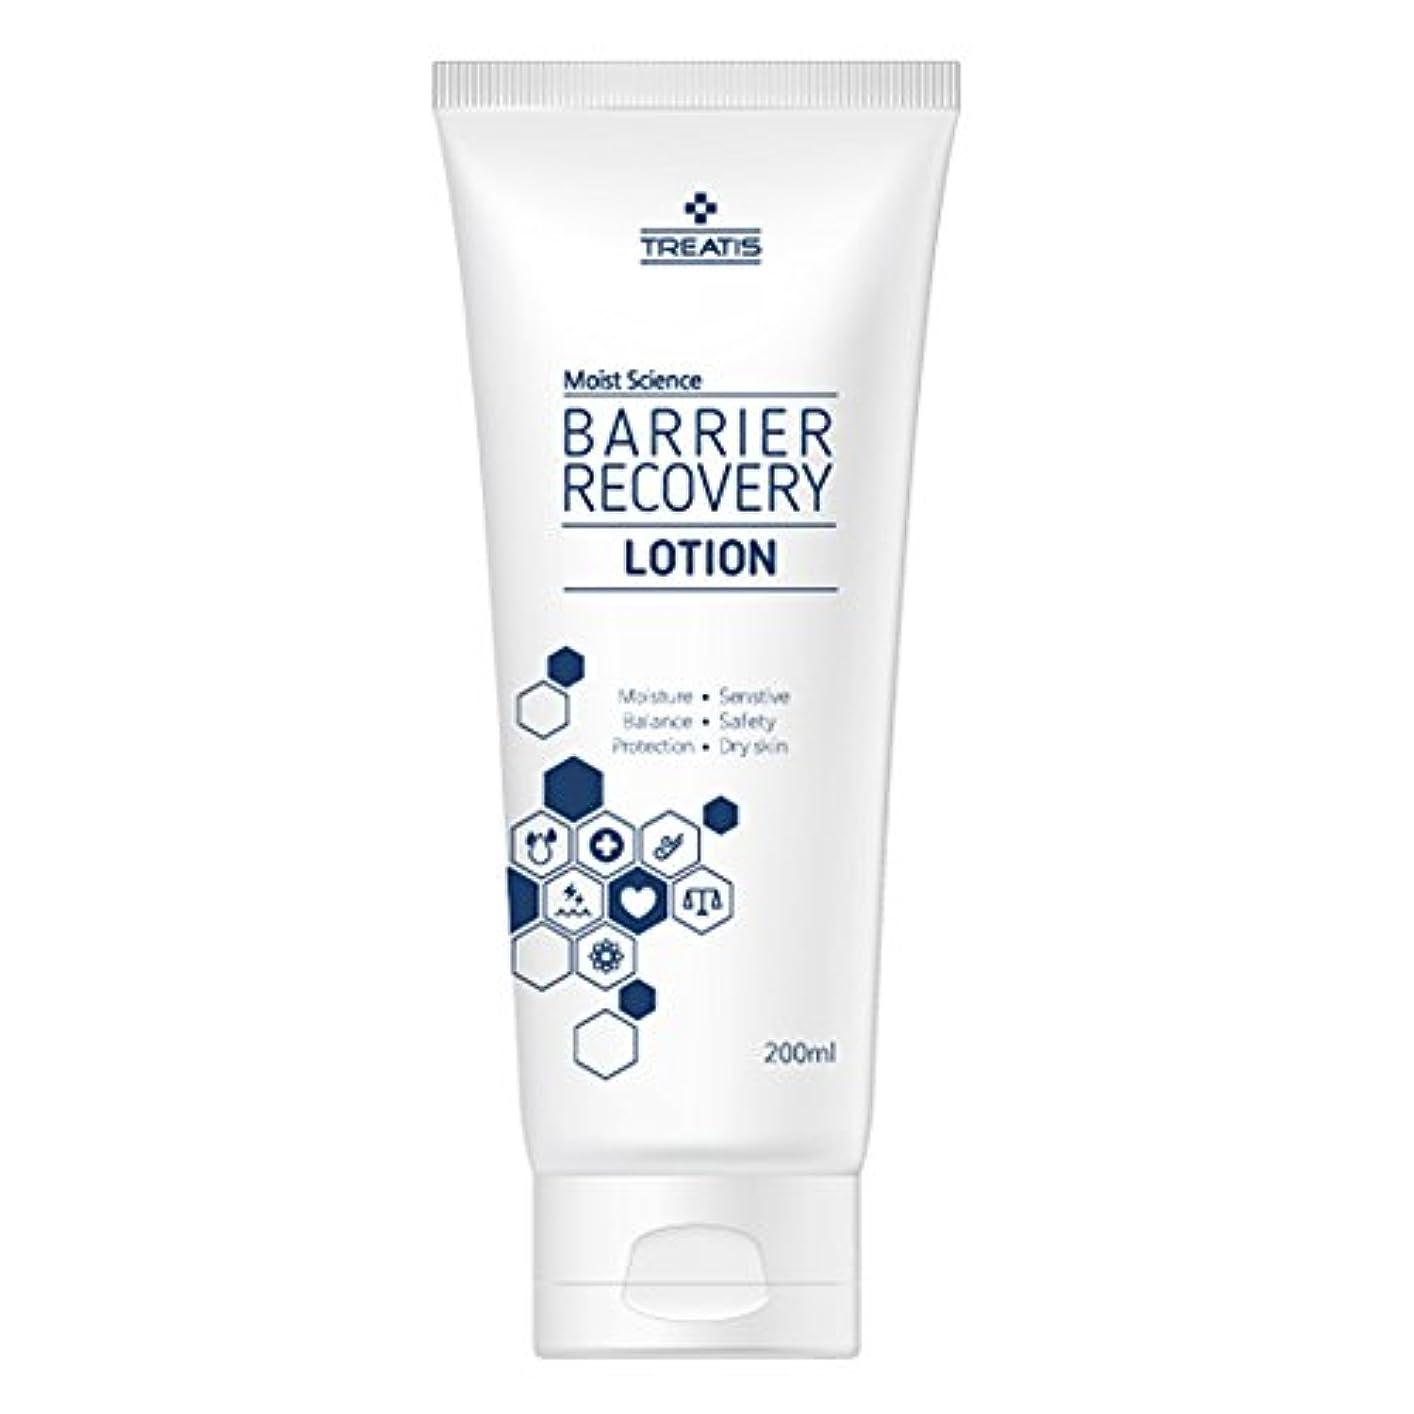 省雰囲気候補者Treatis barrier recovery lotion 7oz (200ml)/Moisture, Senstive, Balance, Safty, Protection, Dry skin [並行輸入品]